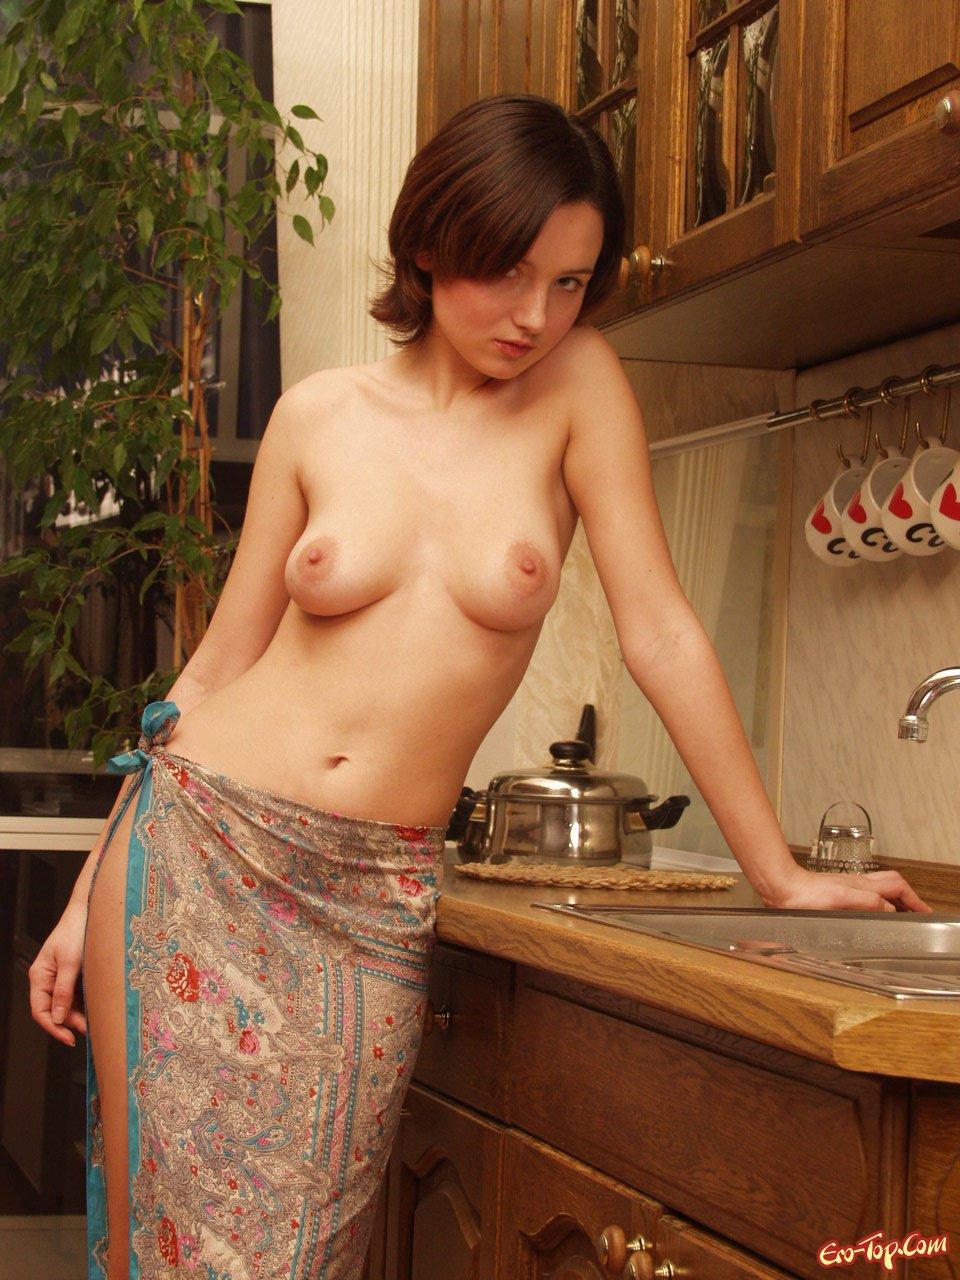 целовал голый фото голых домохозяек россии высшее экономическое